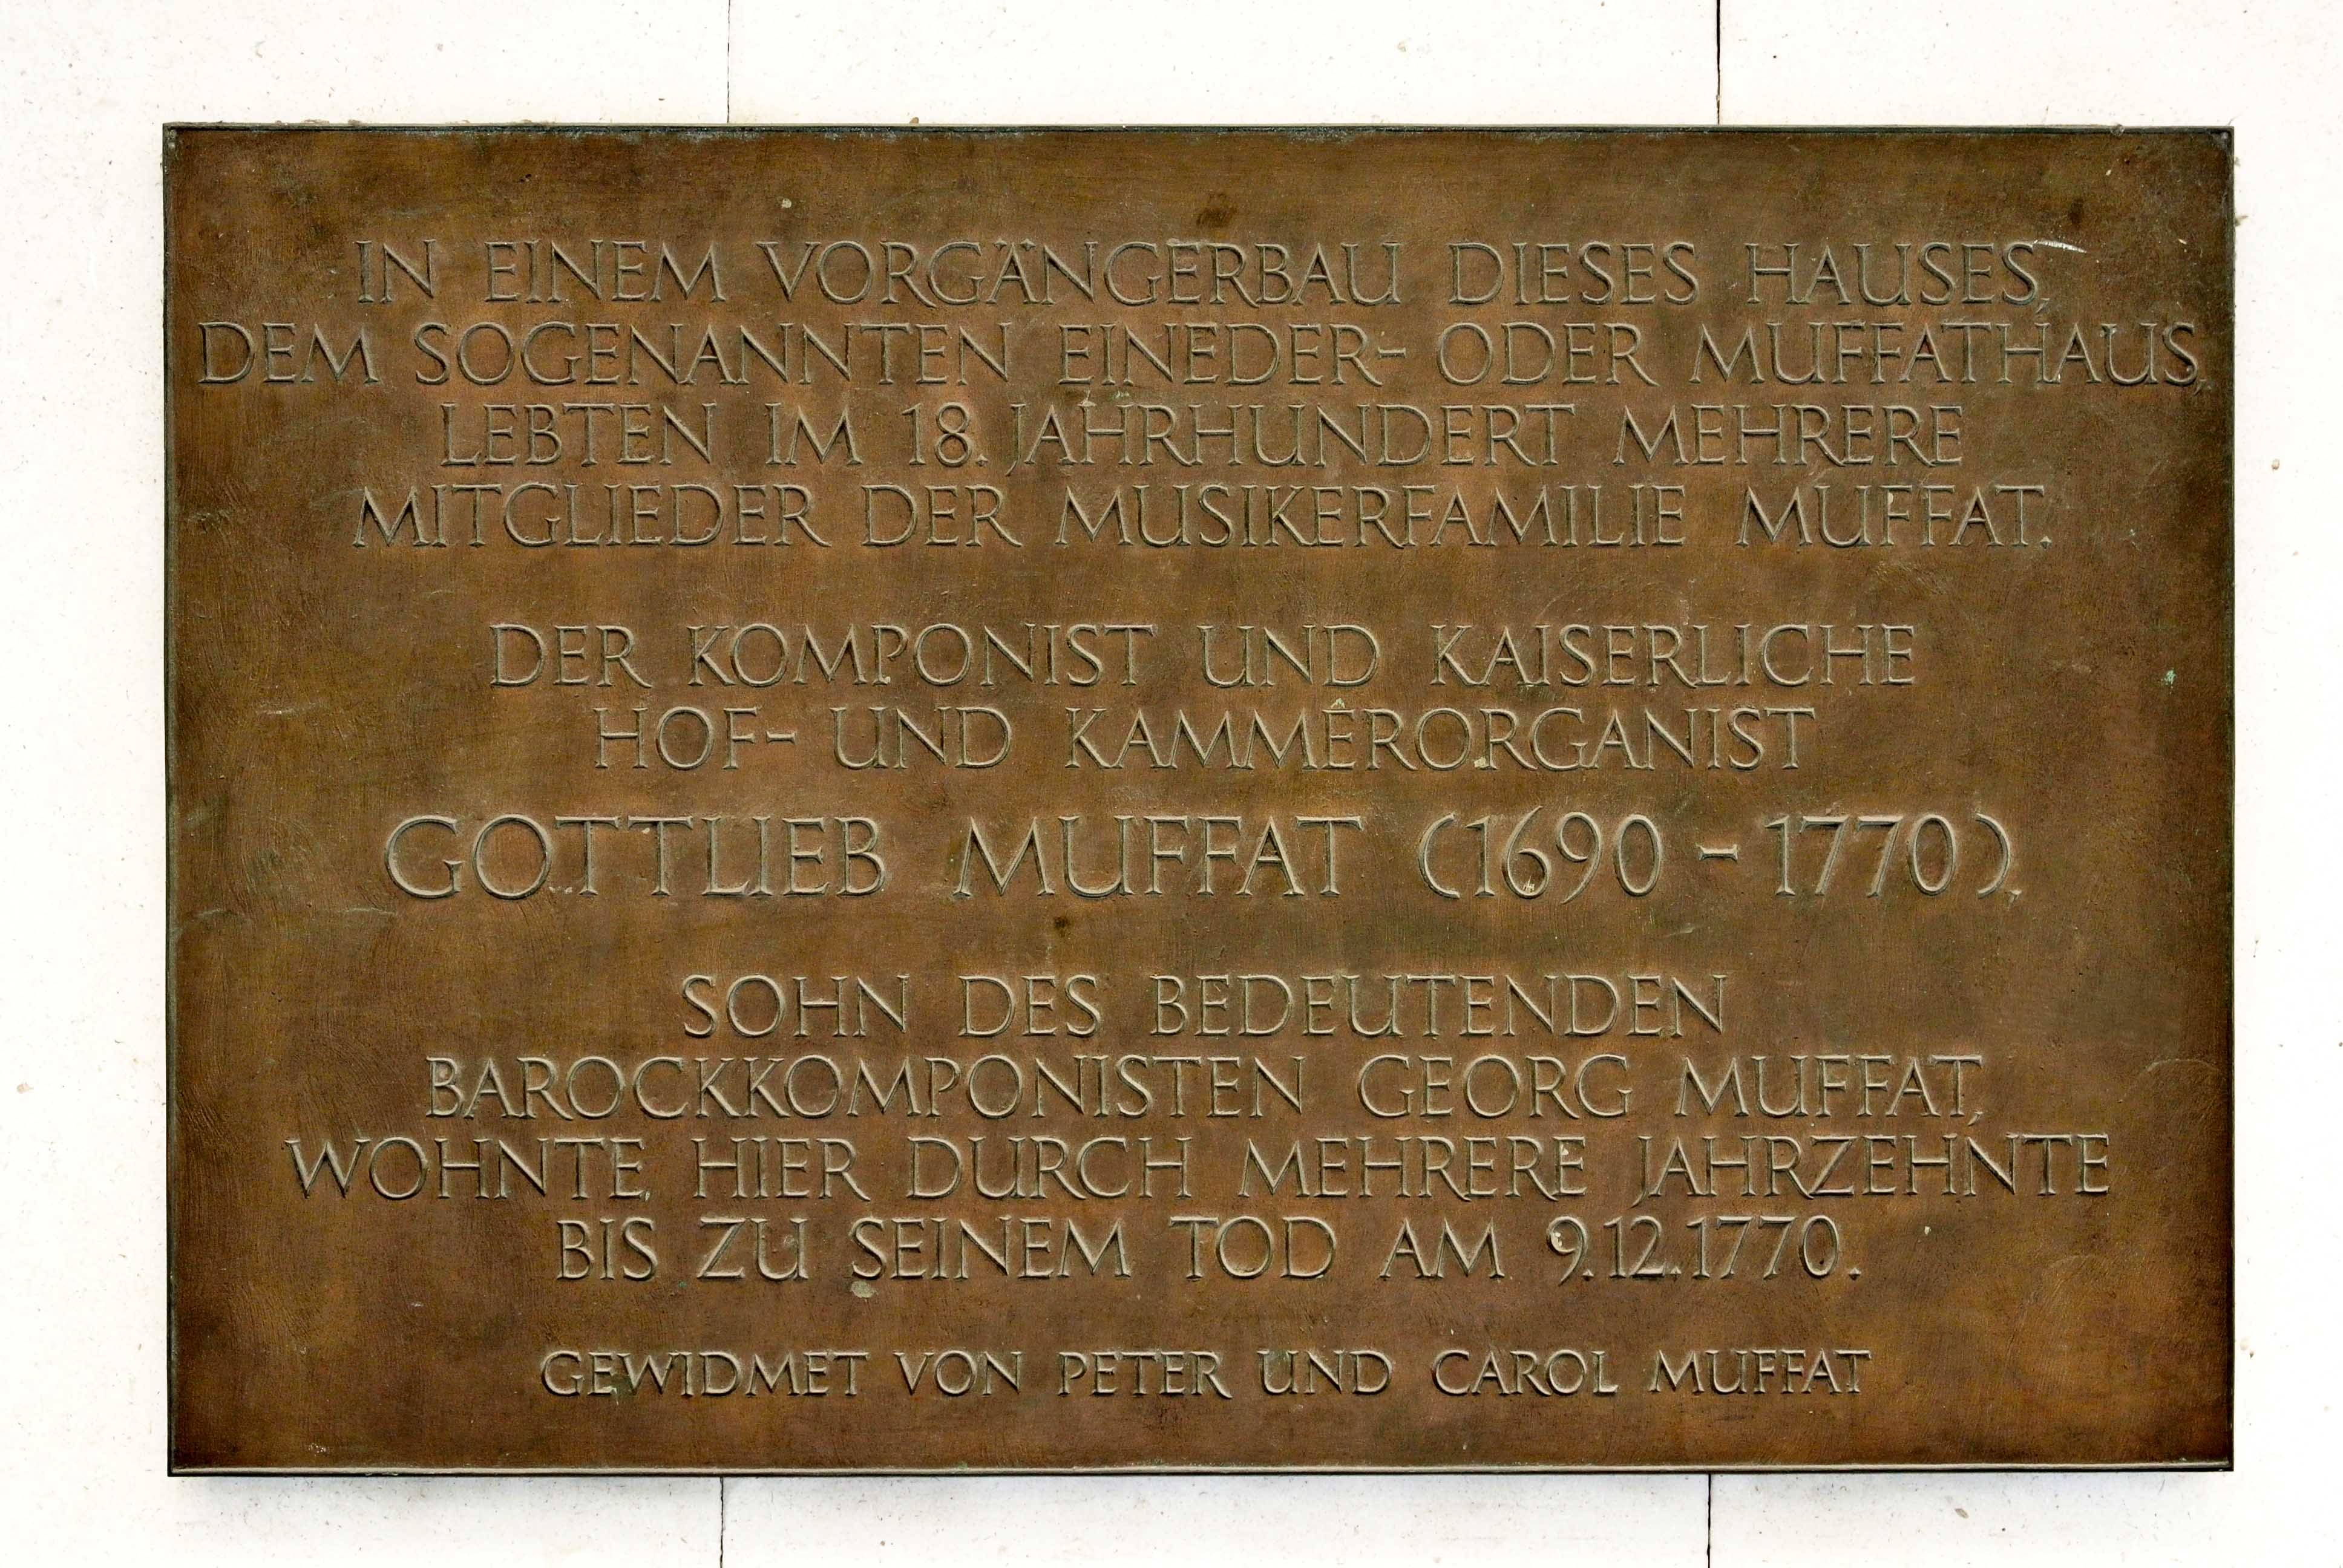 Gottlieb Muffat GT Wien 1.,Weihburgasse Nr.2.jpg